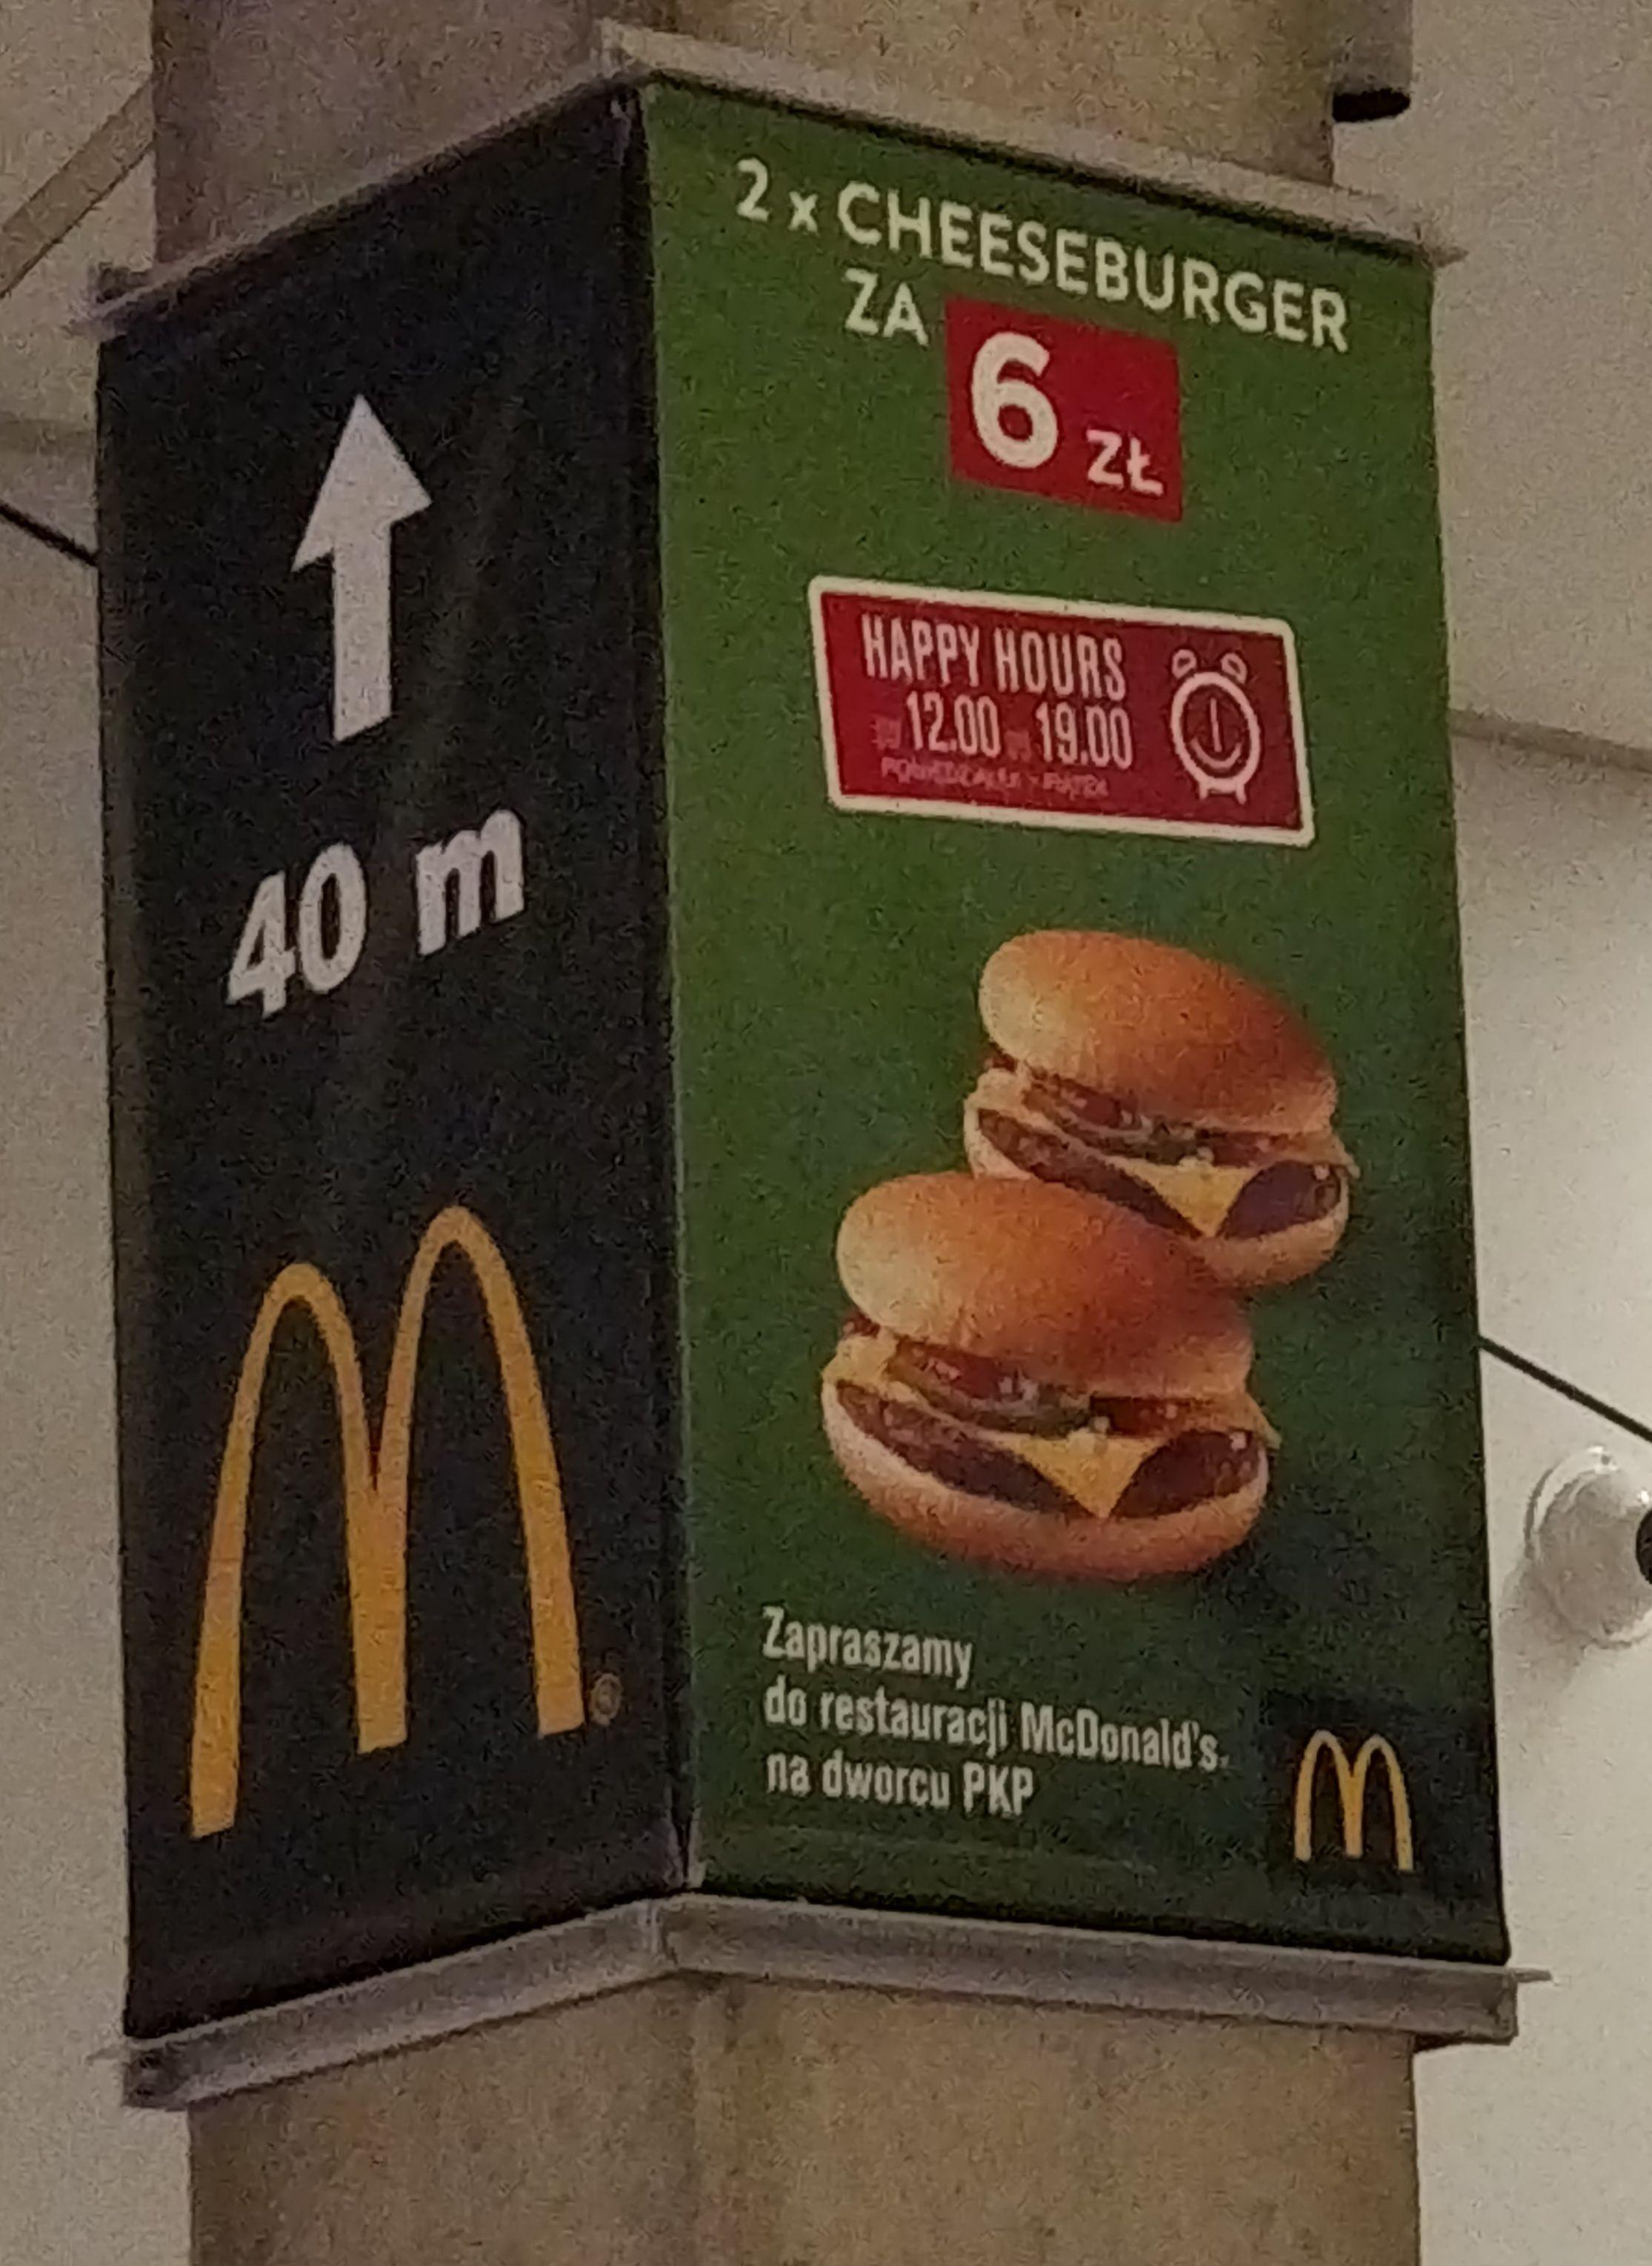 2x Cheeseburger na dworcu głównym w Katowicach w godzinach 12-19 (McDonald's)